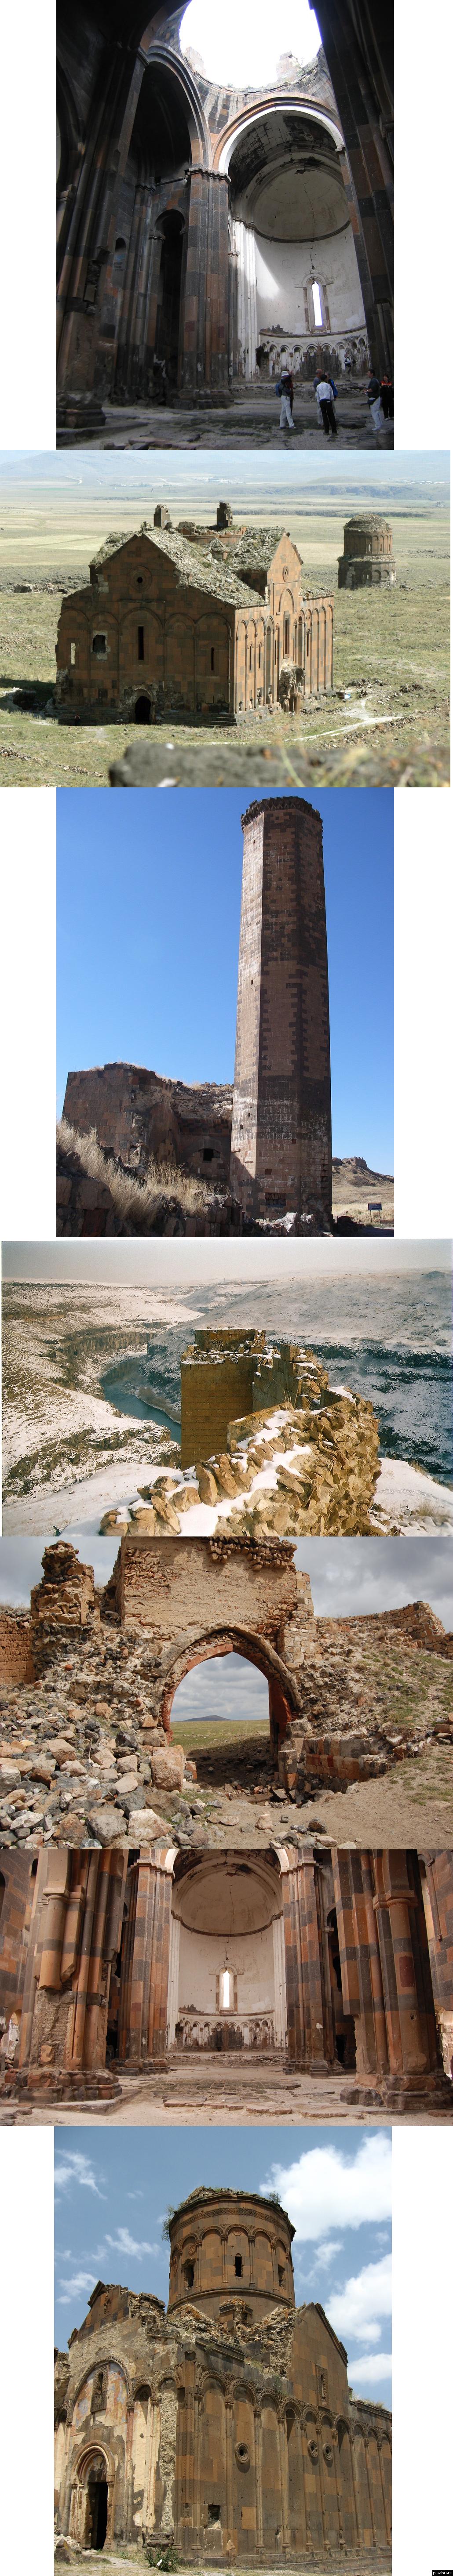 Город 1001 церкви Город-призрак Ани был основан в 4(5?) веке нашей эры. В период расцвета город имел население не менее 100 тысяч человек.